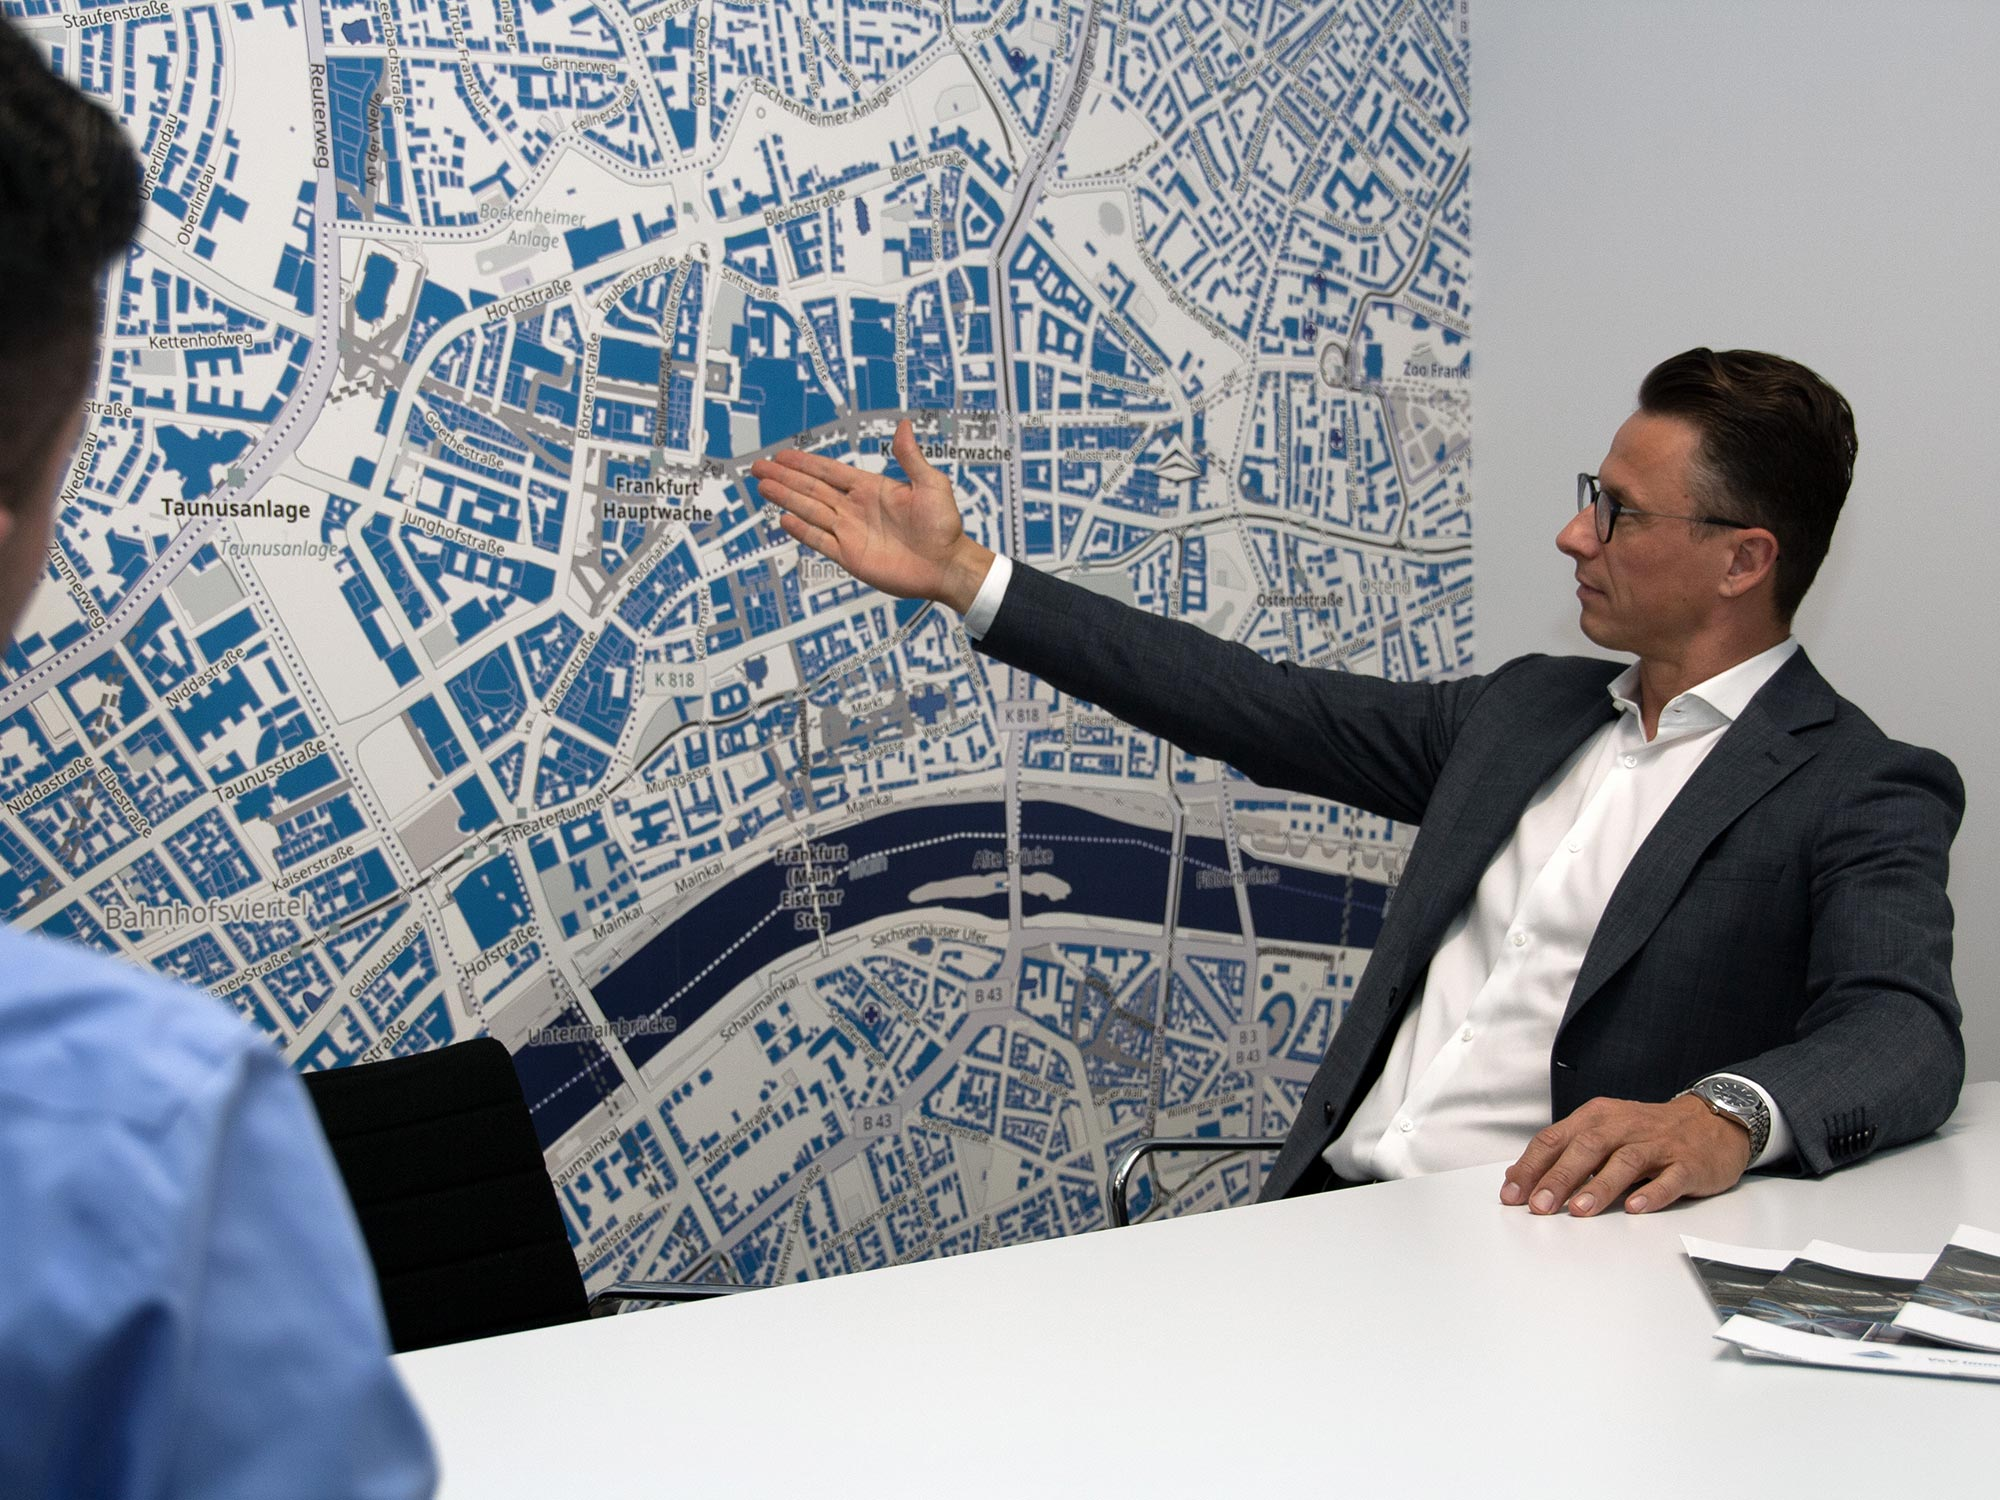 Beratung für Immobilienkäufer - V&V Immobilien sind Experten für die Vermittlung von Büroflächen in der Frankfurter Innenstadt